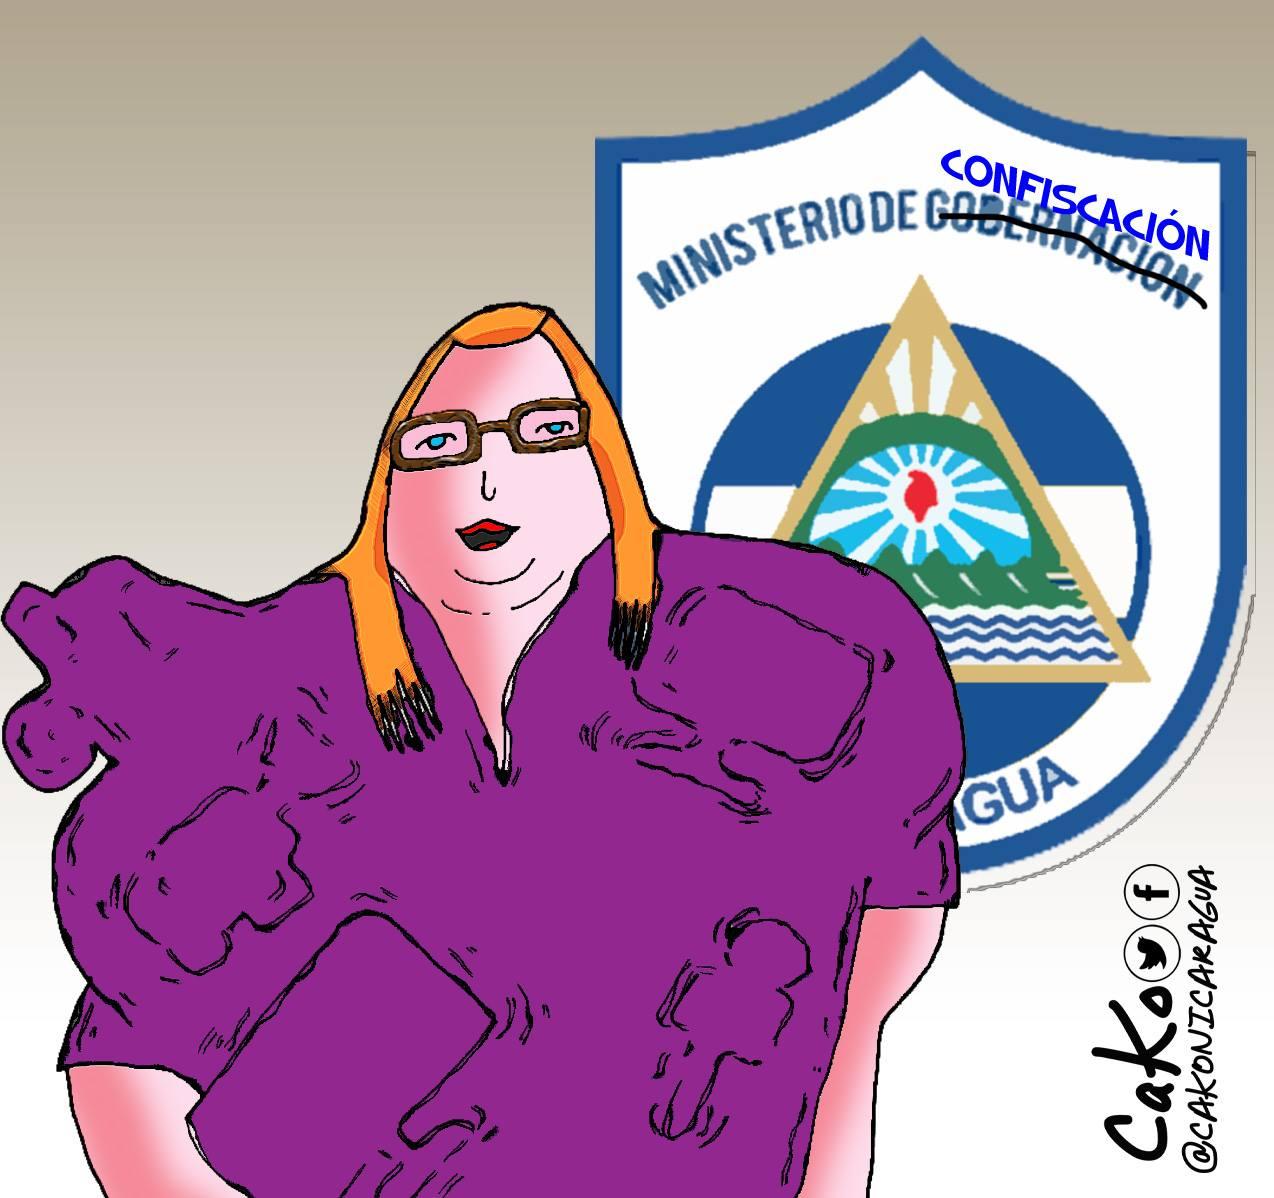 El Ministerio de Confiscación usado por la dictadura para robar. Caricatura: Cako